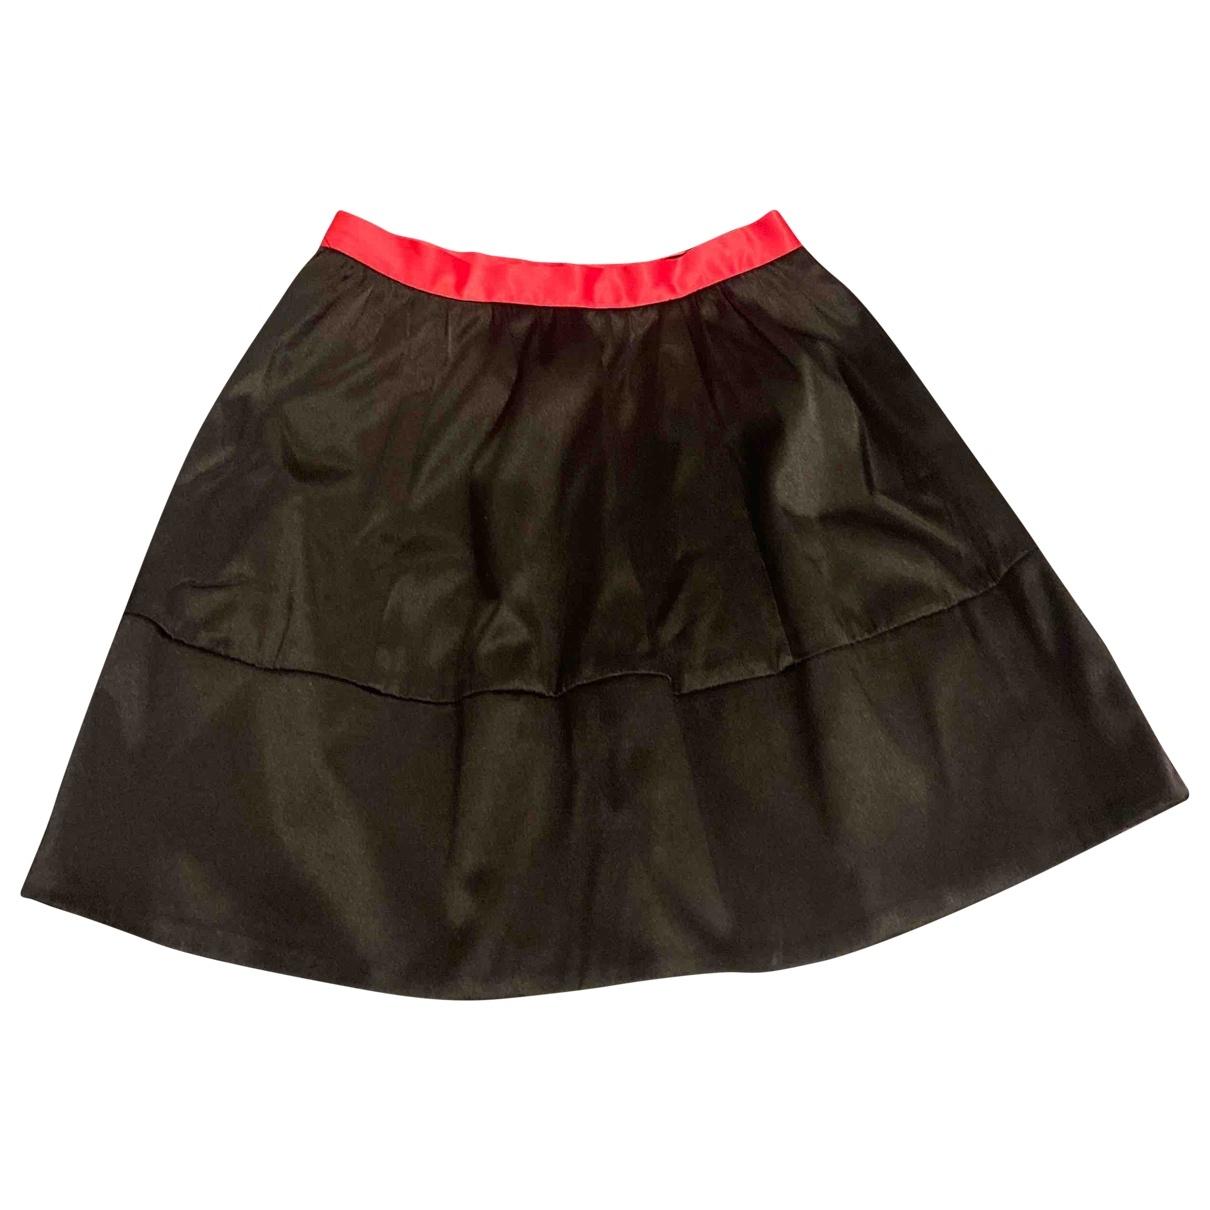 Mini falda H&m Conscious Exclusive